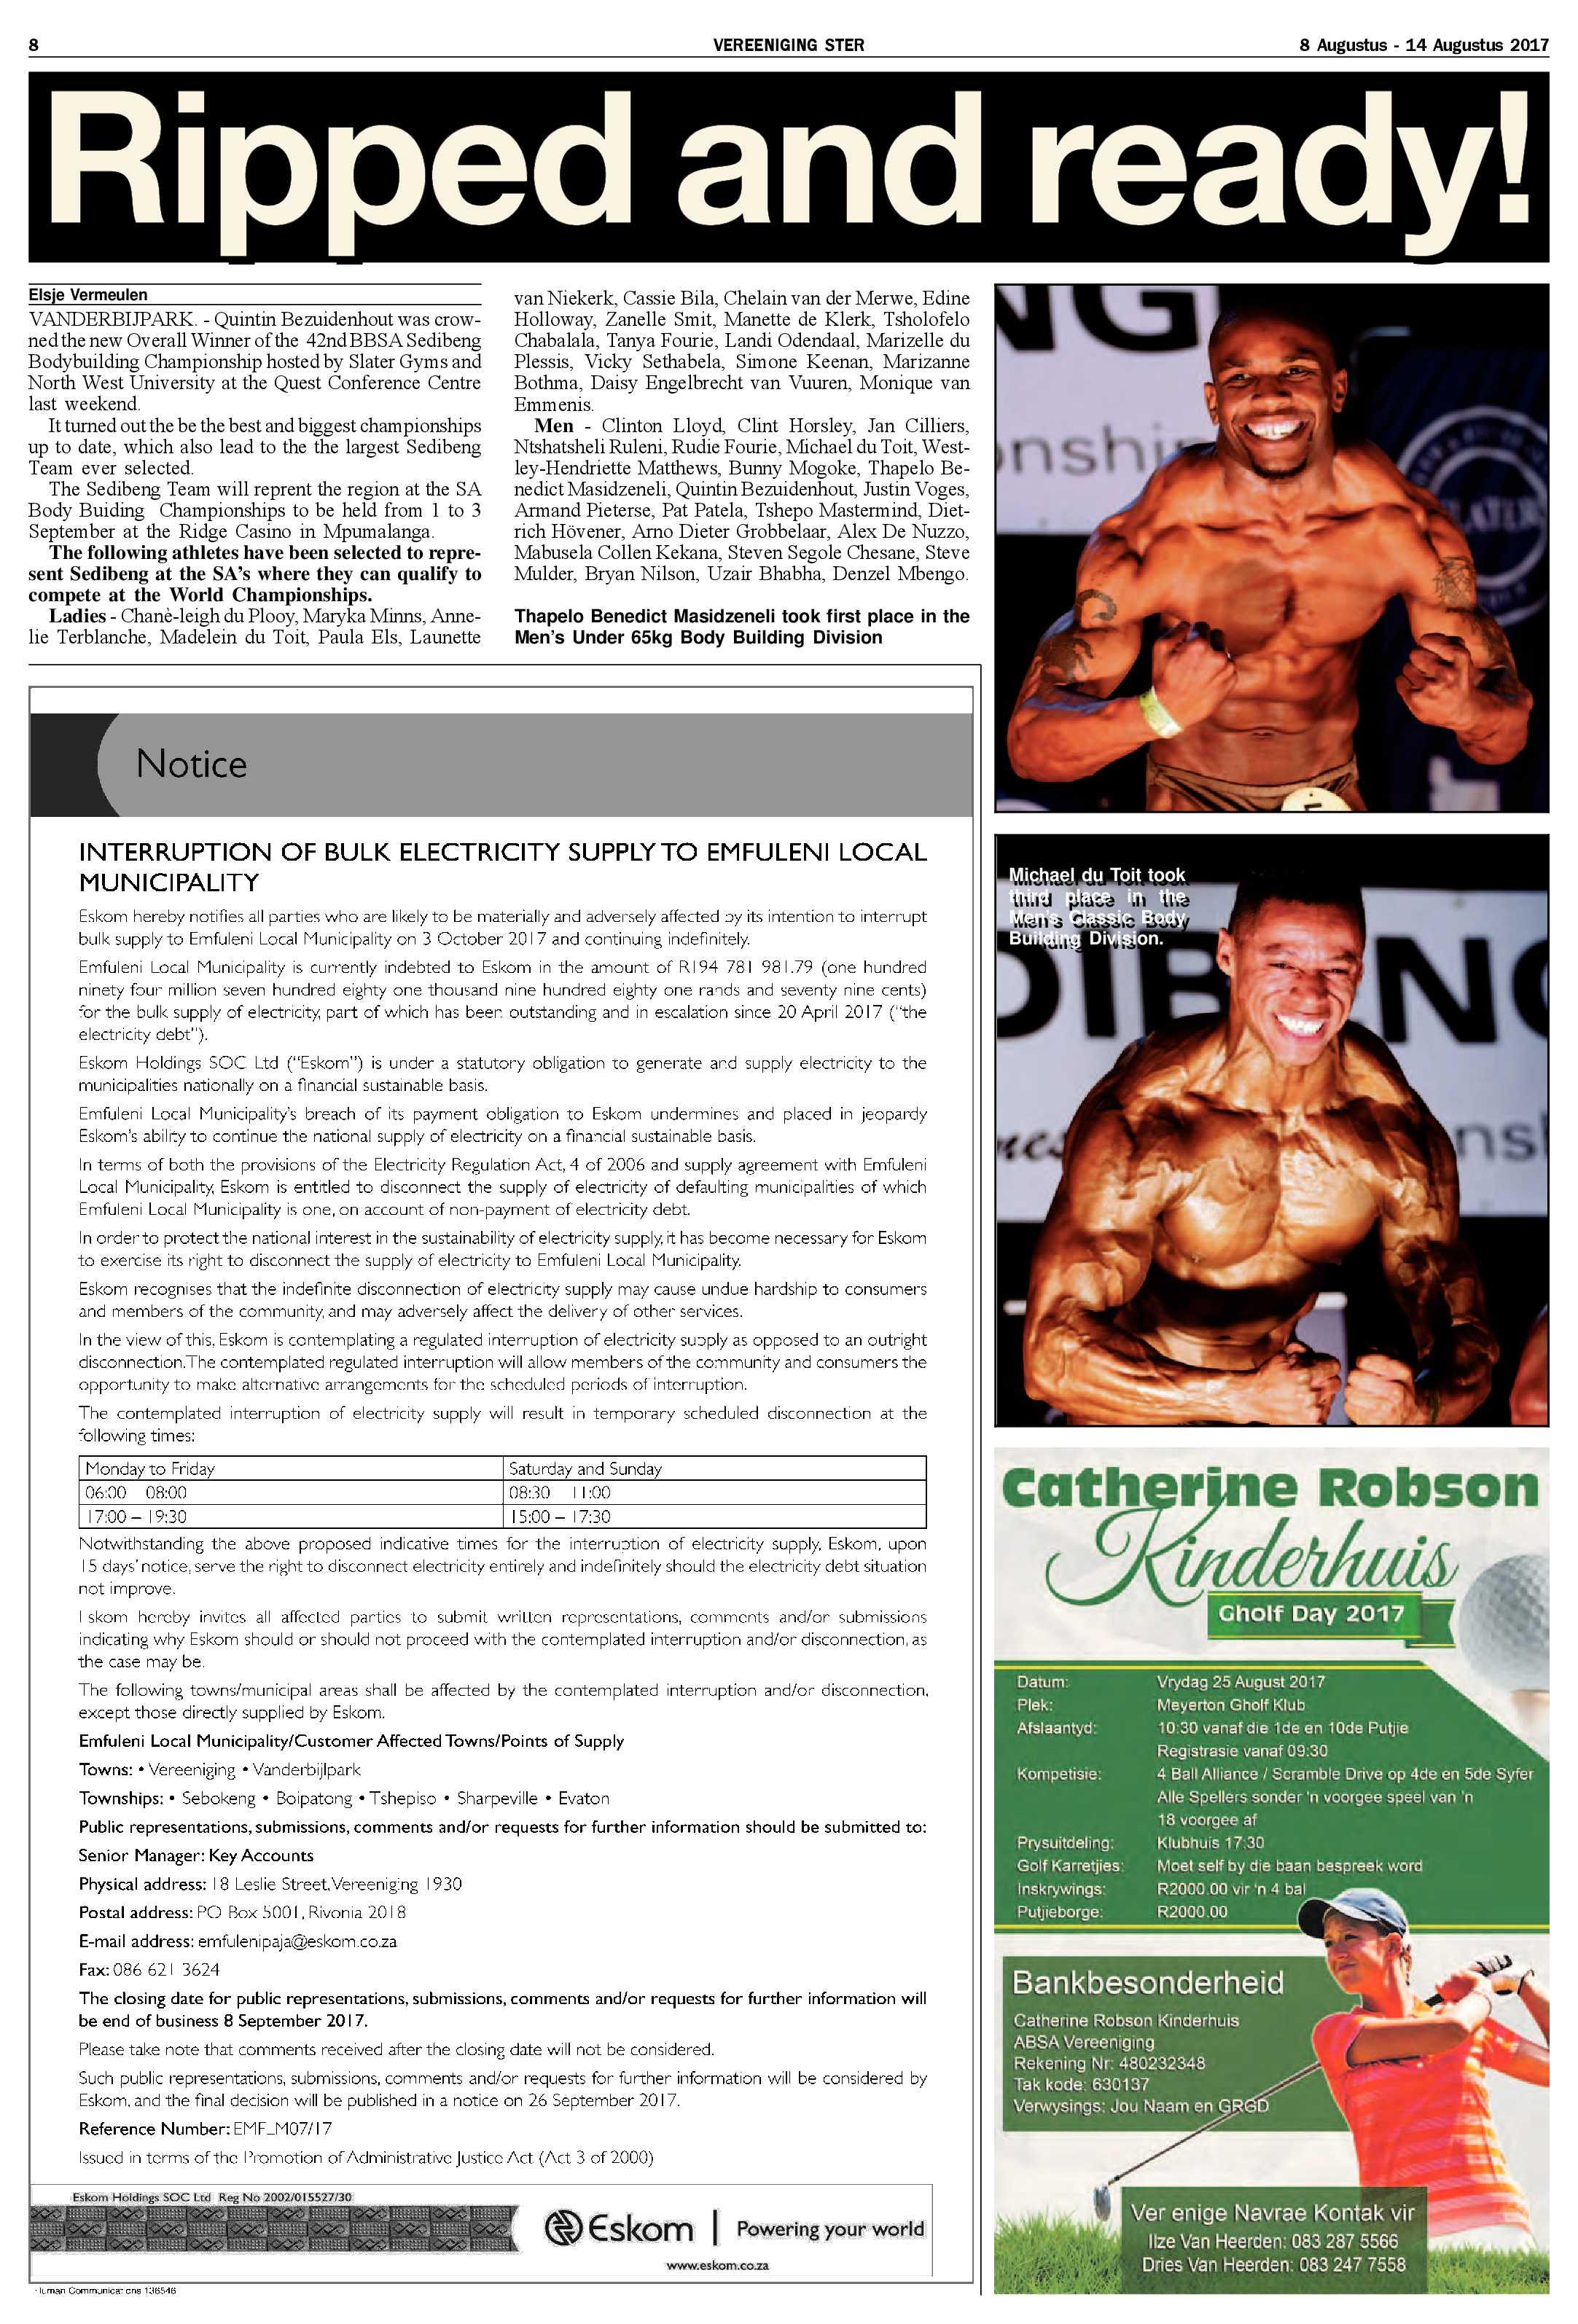 vereeniging-ster-8-14-augustus-2017-epapers-page-8